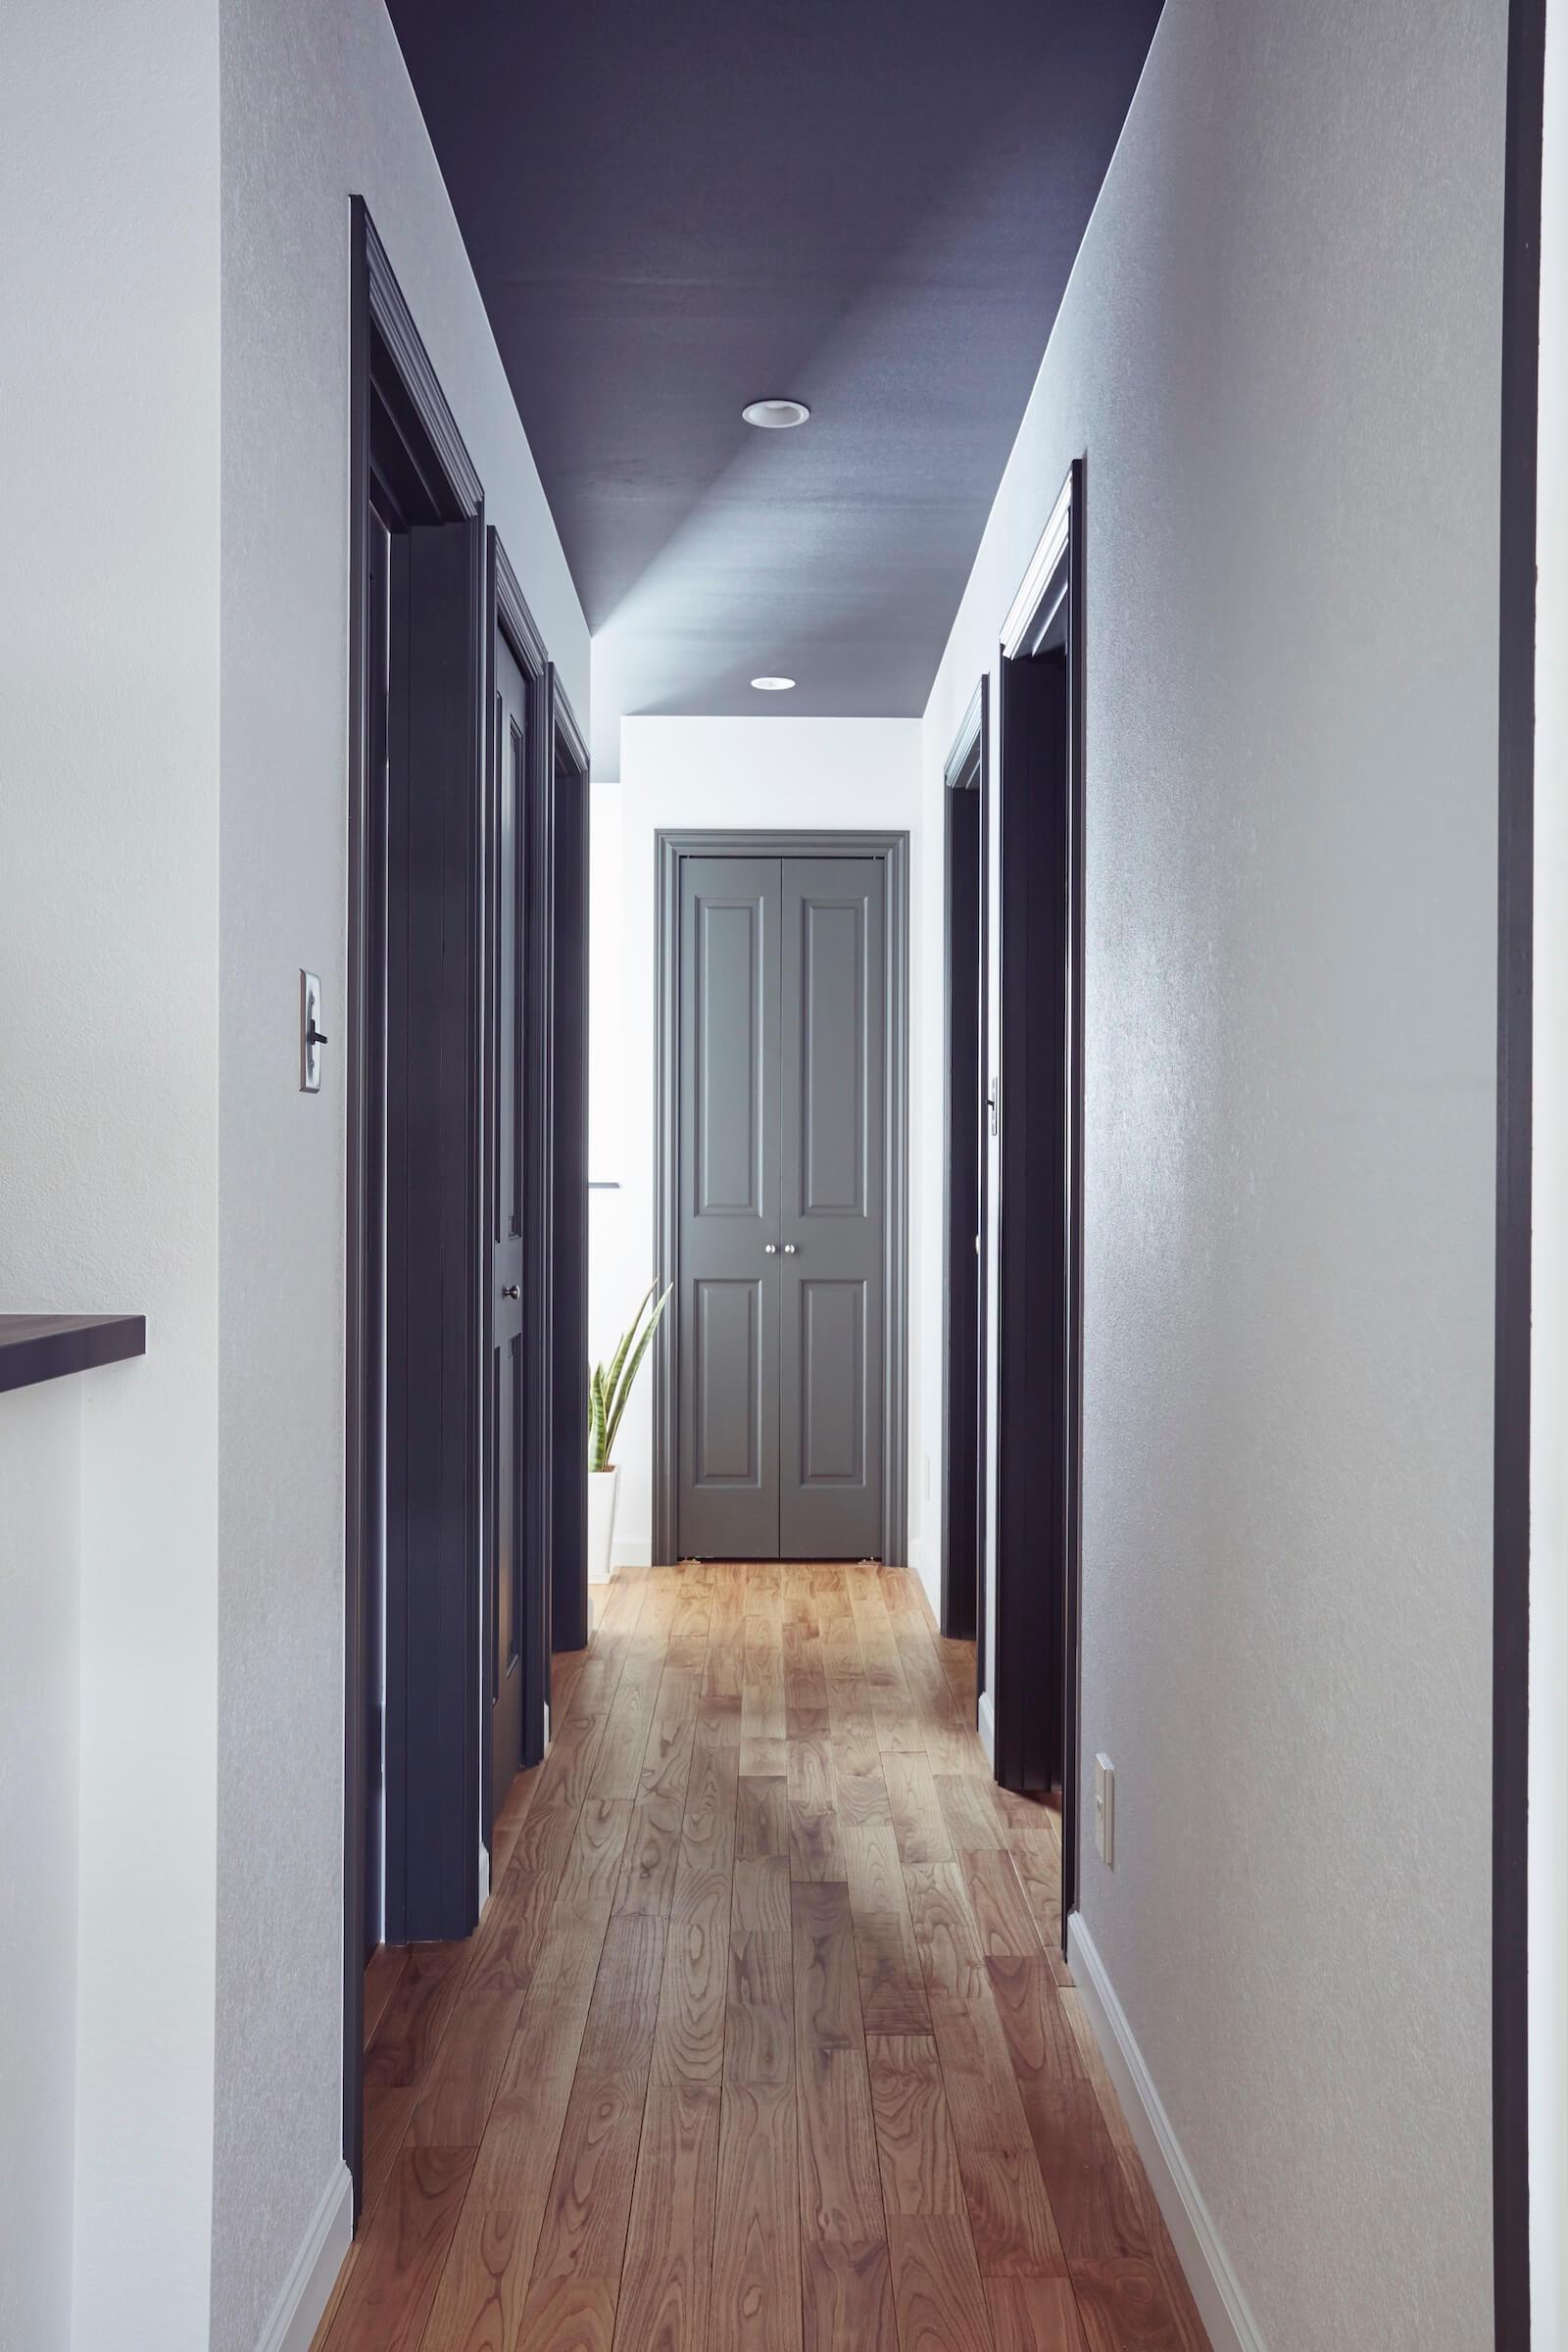 ラップサイディングのビルトインガレージの廊下と木製ドア